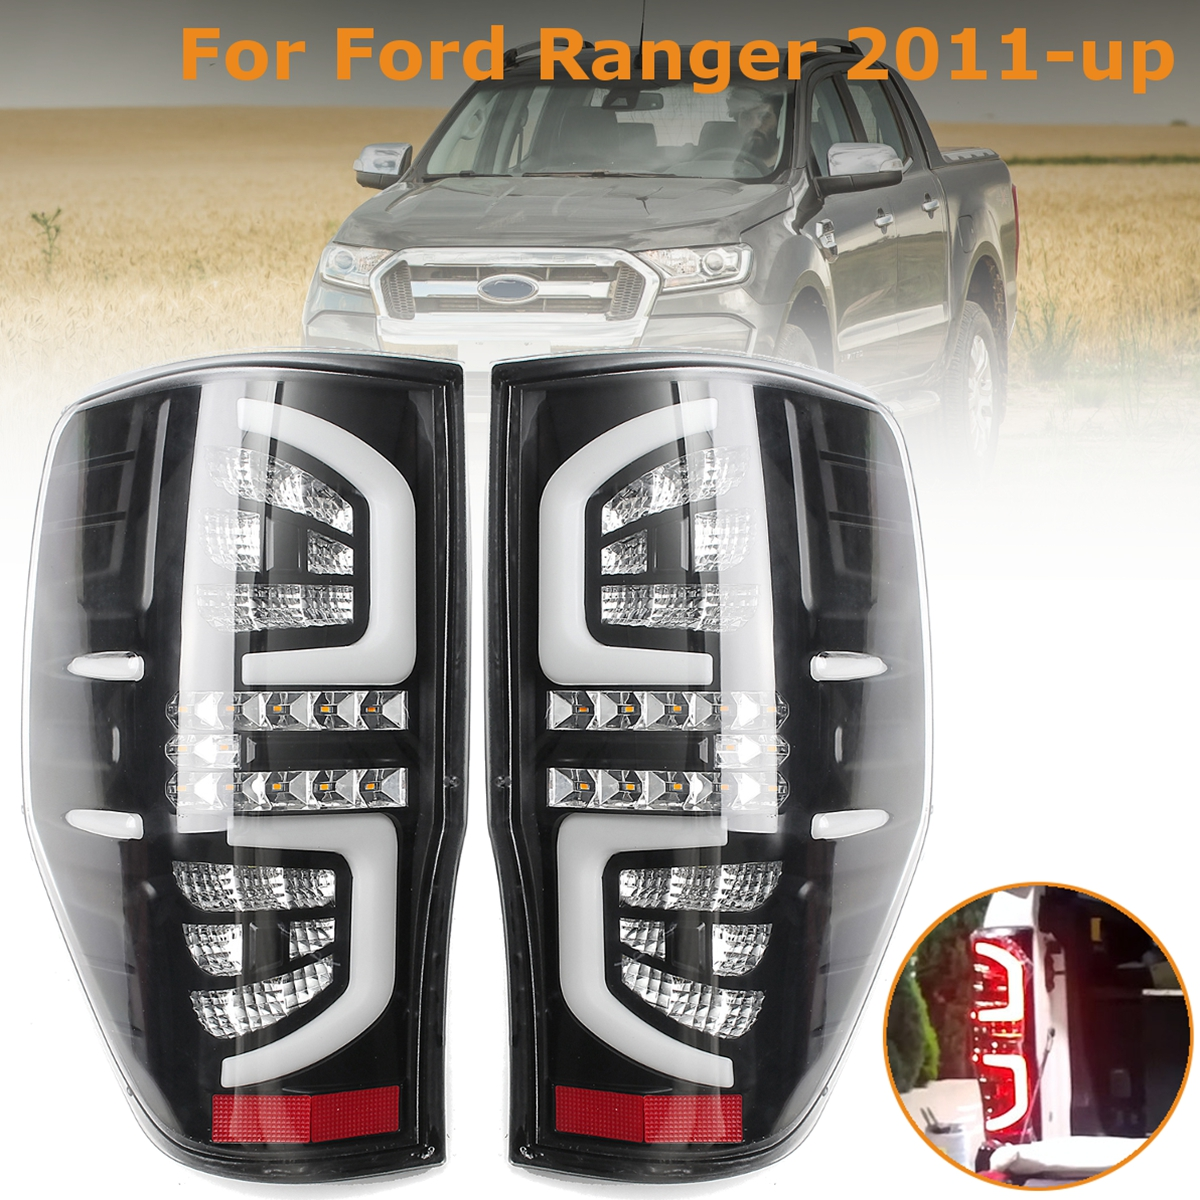 1 paire pour Ford Ranger Queue Clair Lire LED Feu arrière Stop Feux De Travail Tournant Caractéristique pour PX Mk1 /Mk2 XL XLS XLT 2011 +